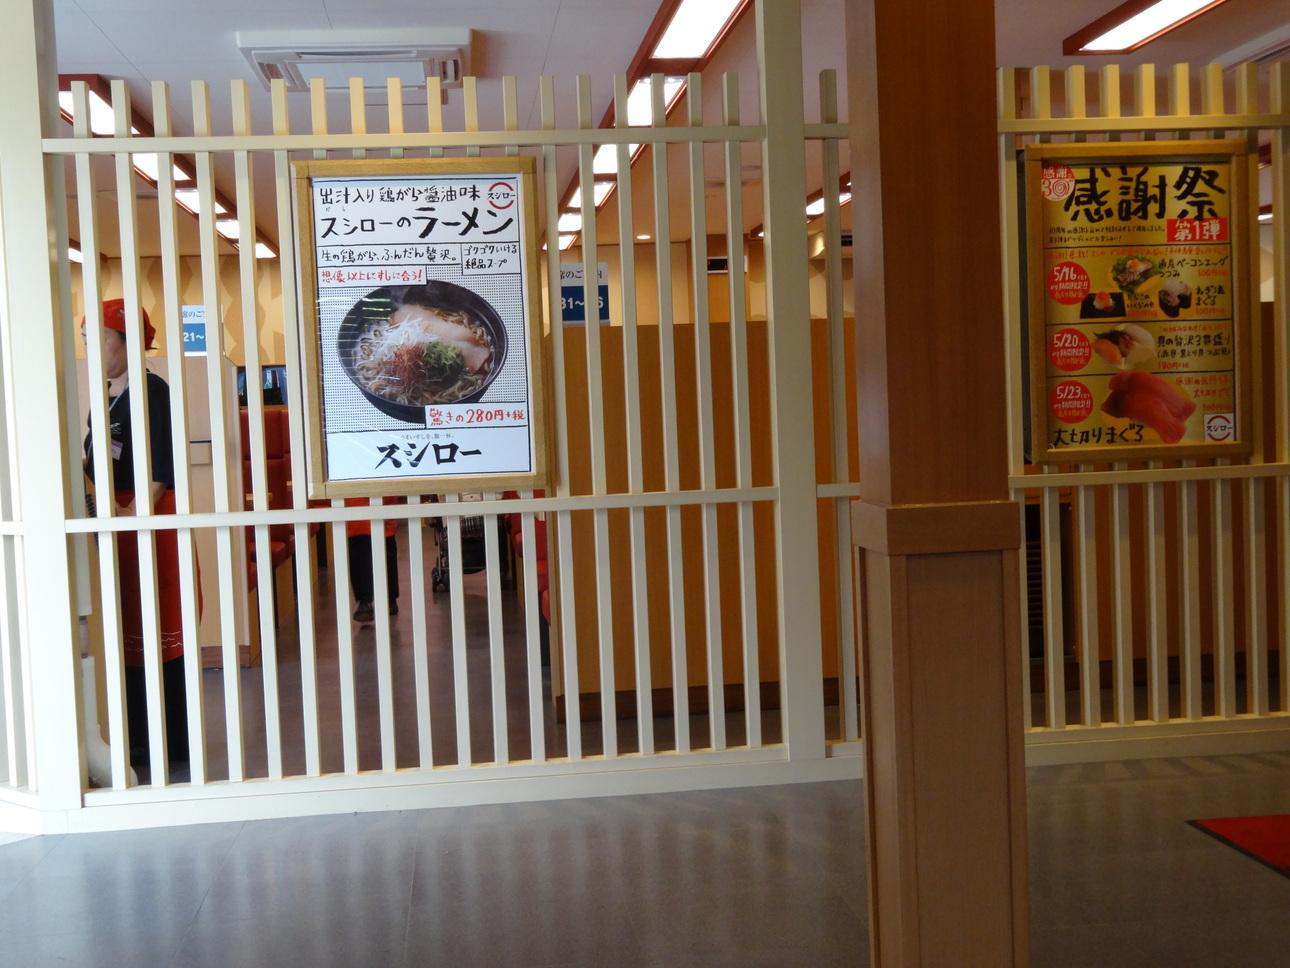 スシロー ショッパーズプラザ横須賀店